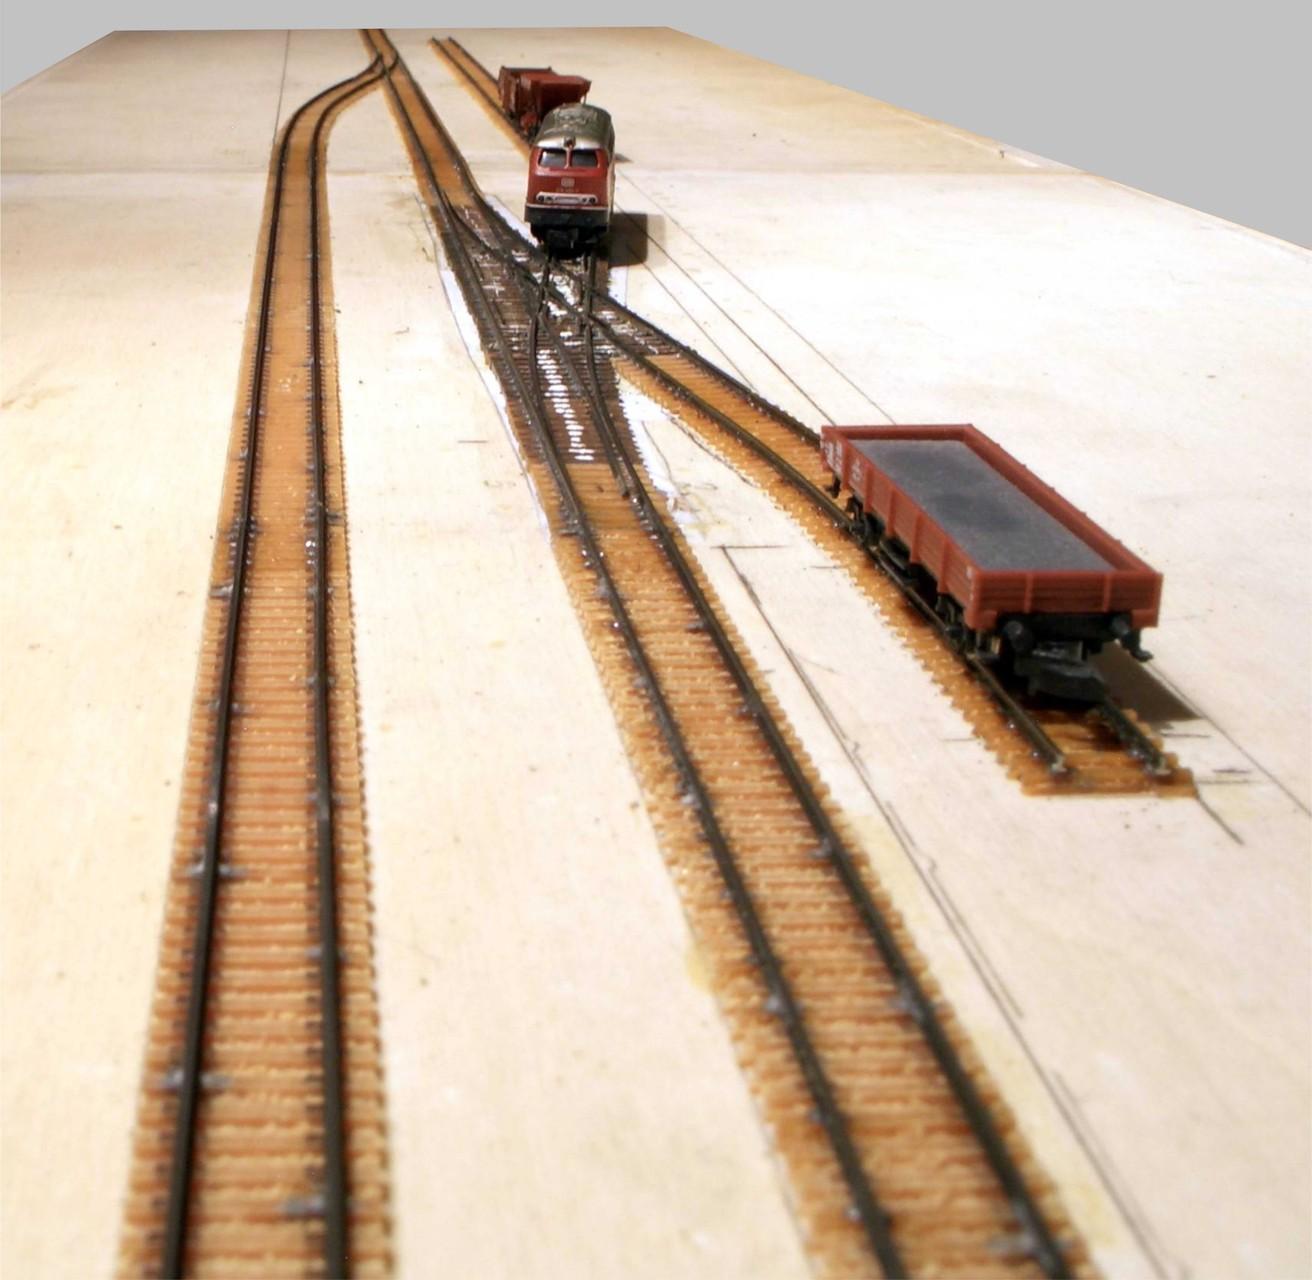 Die Wagen werden auf die entsprechenden Gleise verteilt